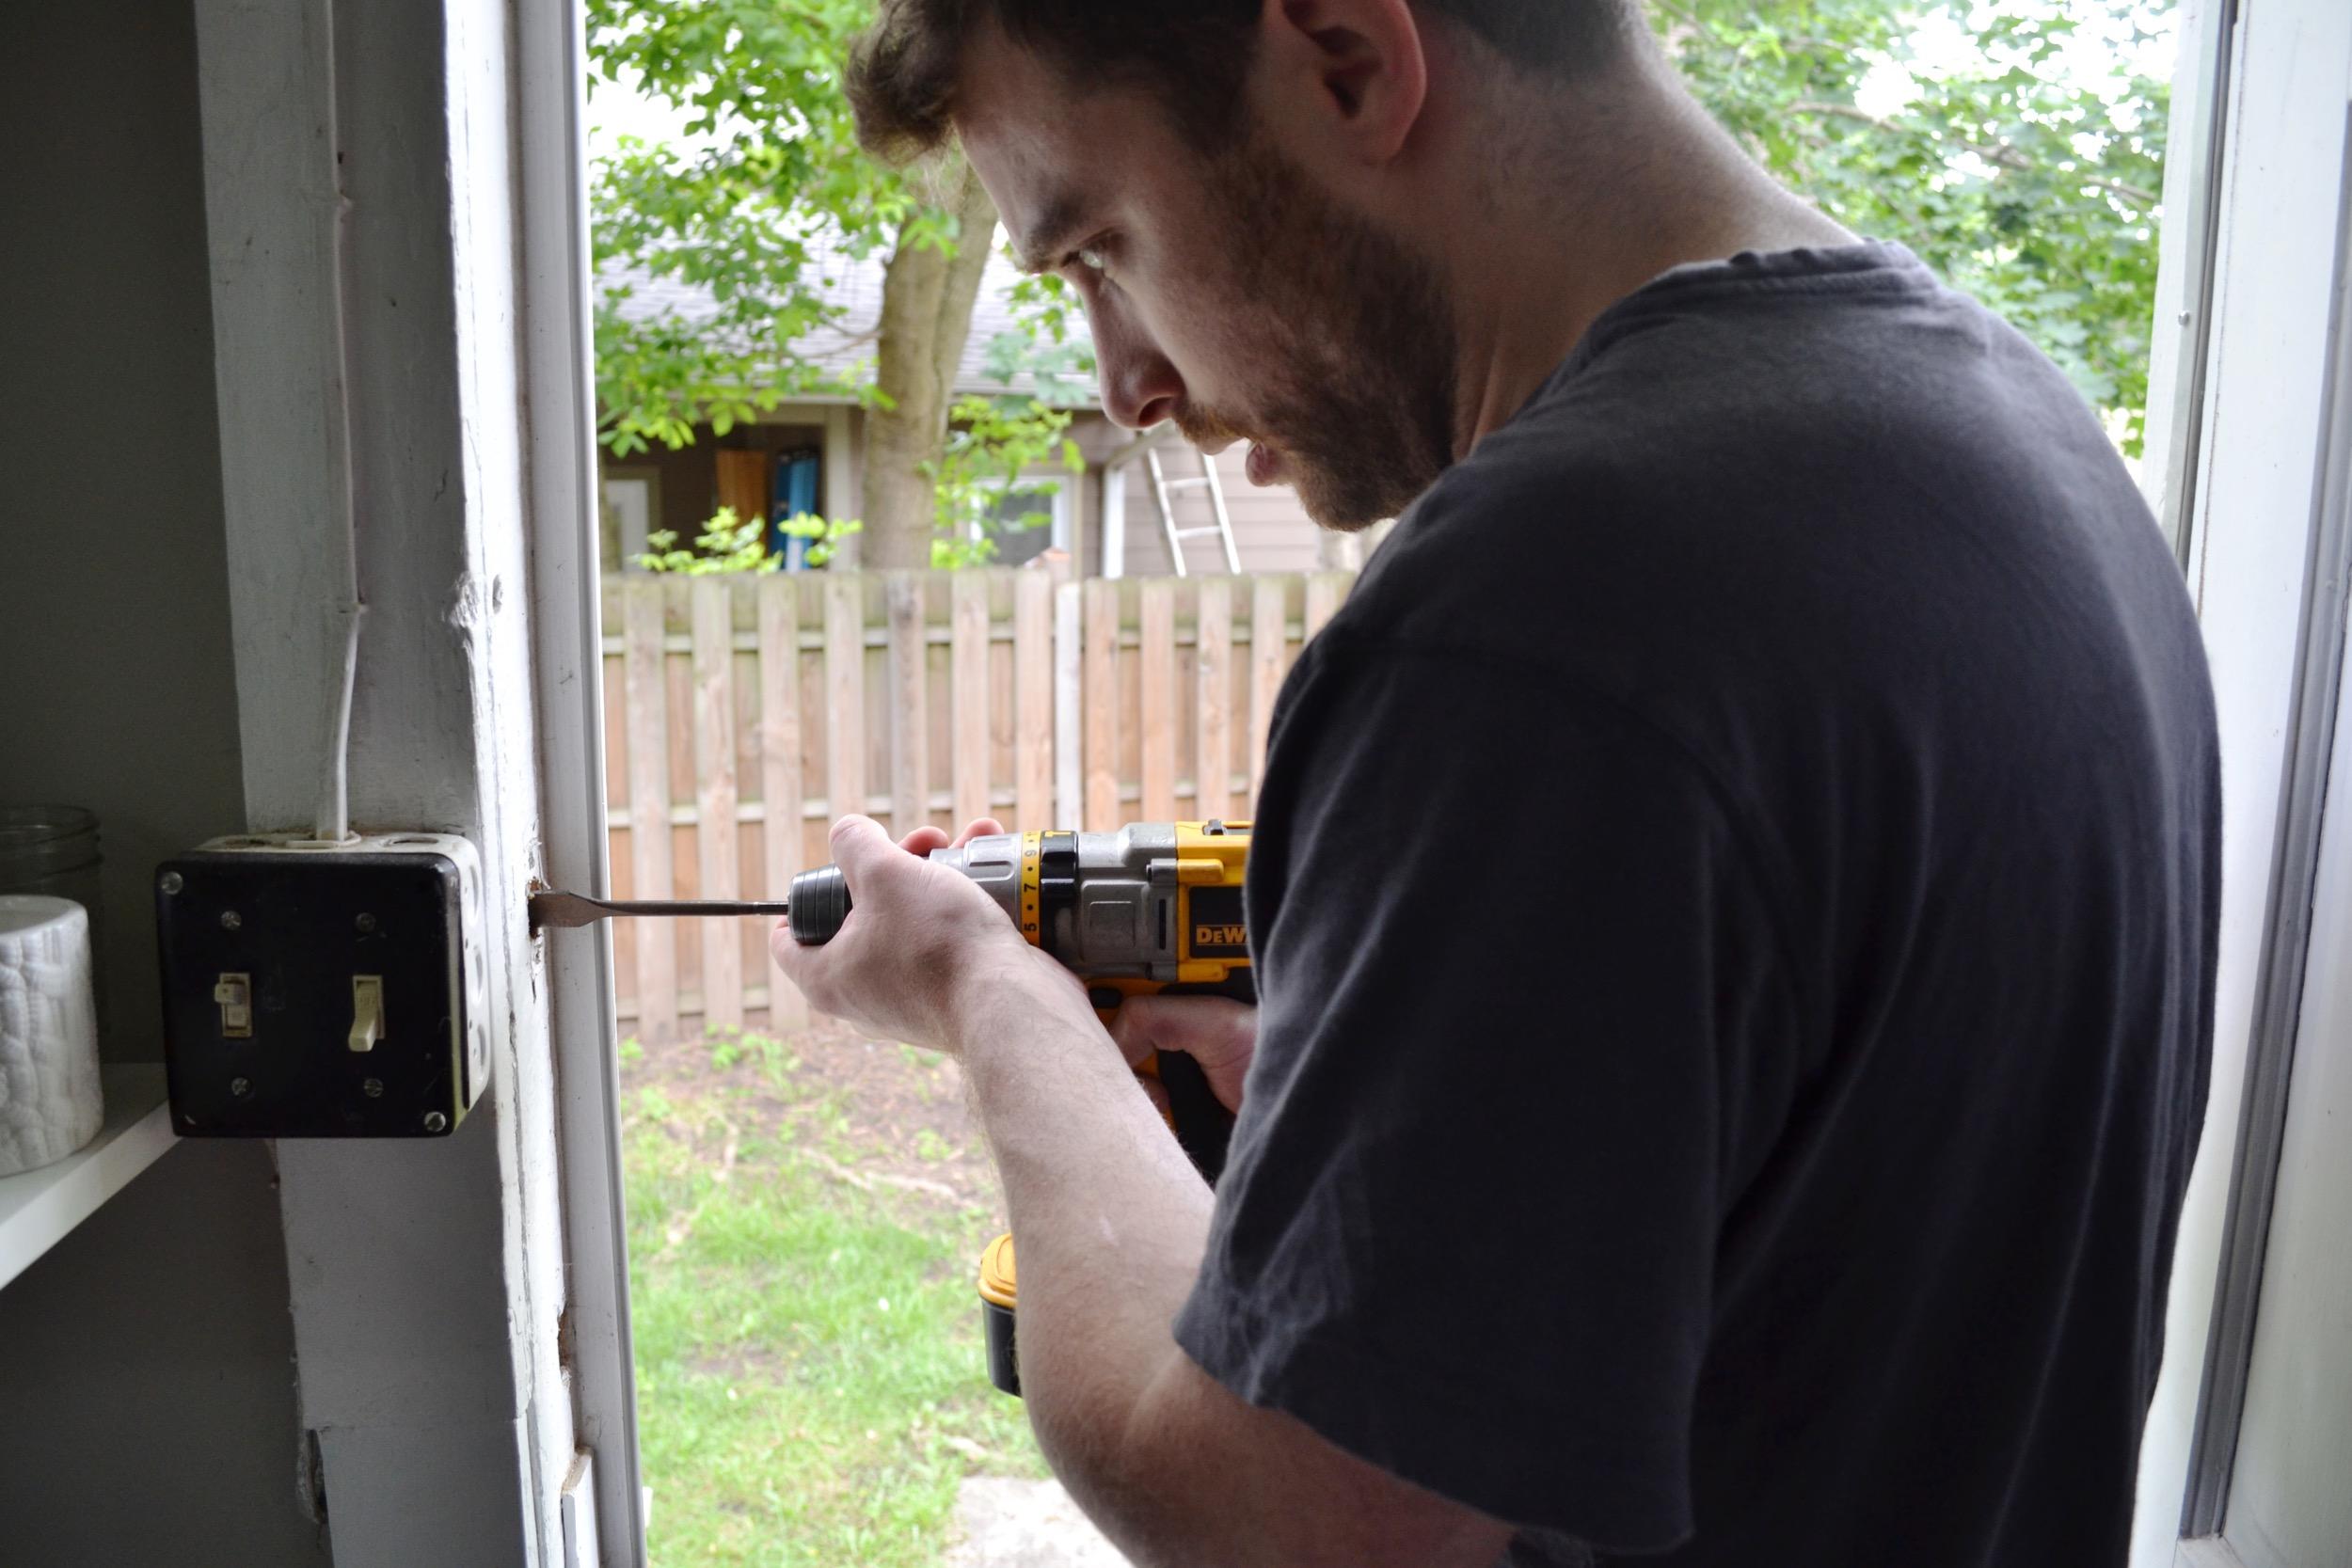 Keypad-lock-tools-needed